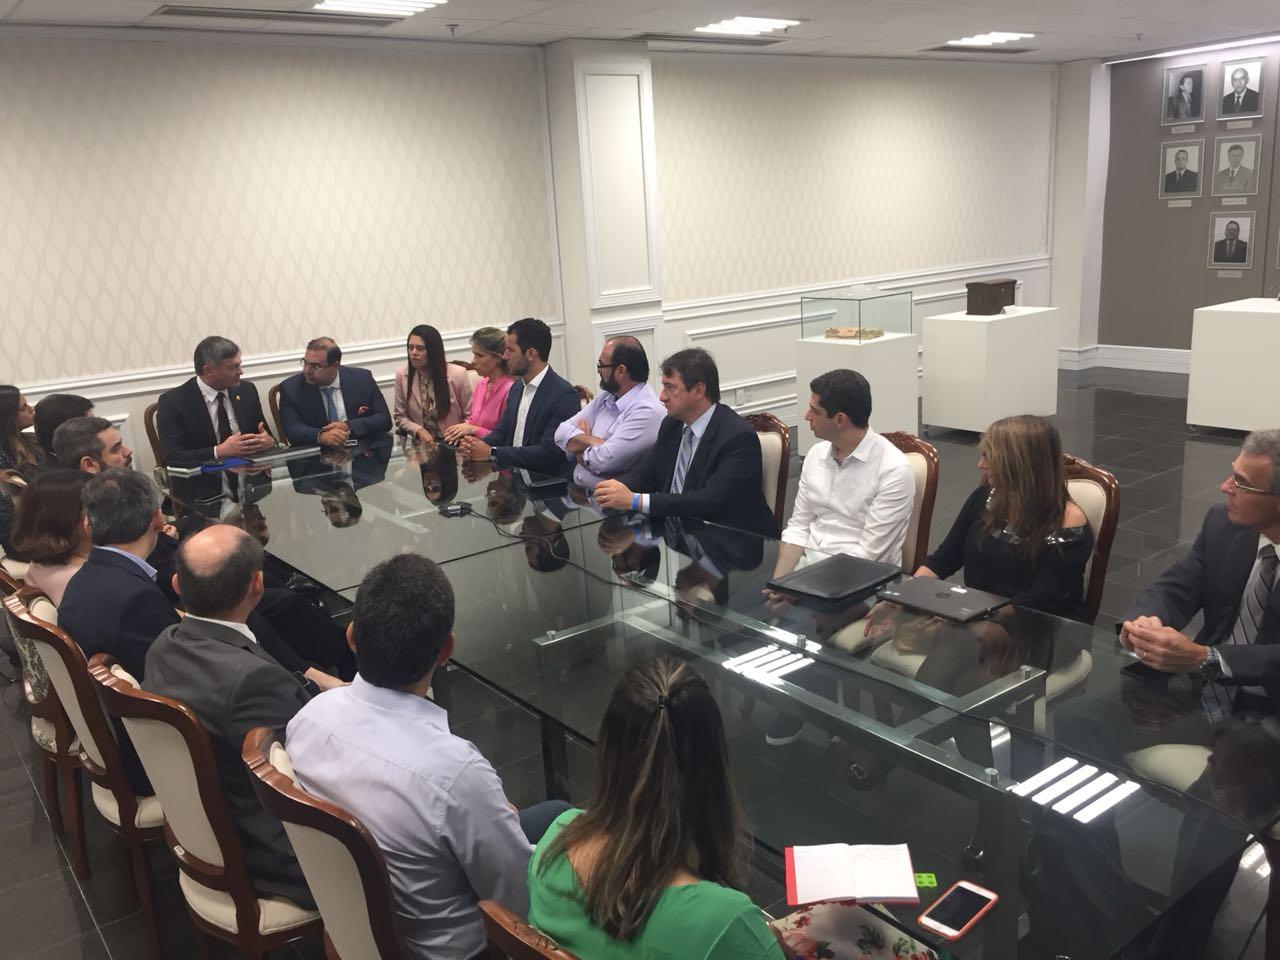 Diretores do Foro se reúnem na JFRN e criam uma Rede de Governança